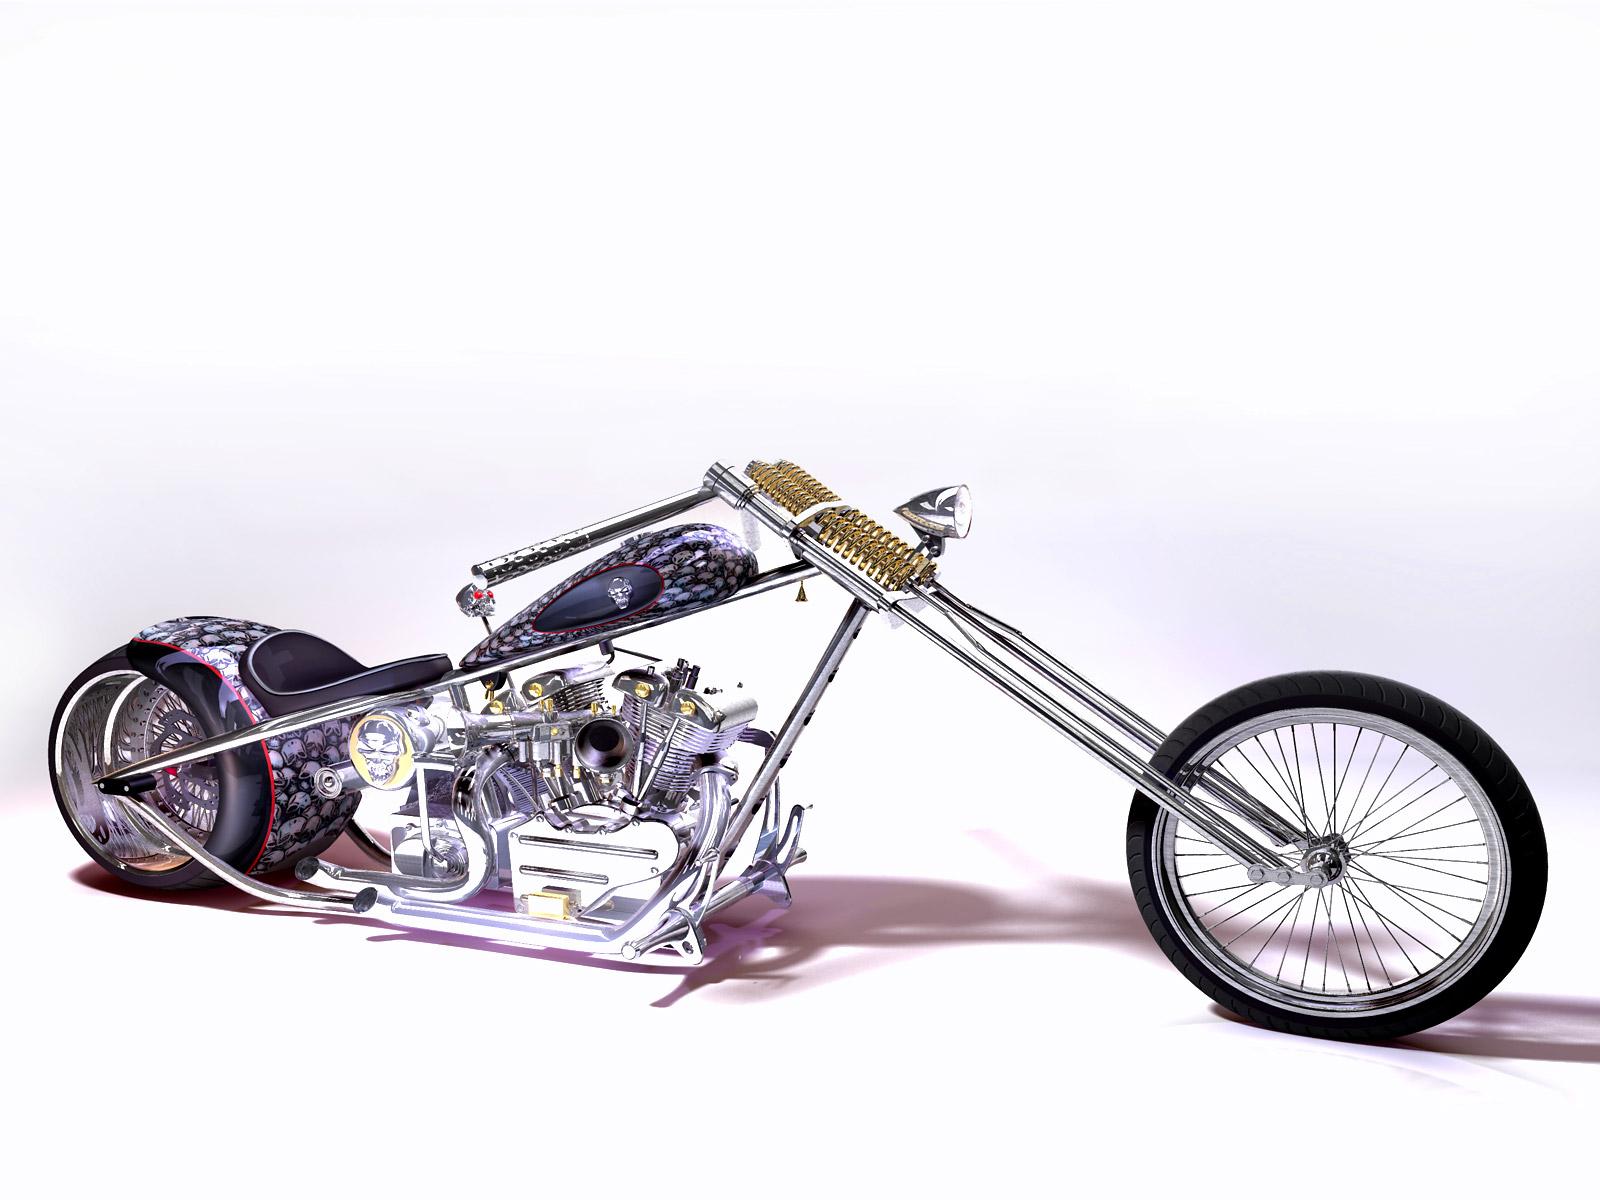 http://4.bp.blogspot.com/-tcoqwsHWVDY/Ttp15pb1VjI/AAAAAAAAAIE/G8M-fX_itfs/s1600/Skull_Bike%2C_Chopper_Concept.jpg